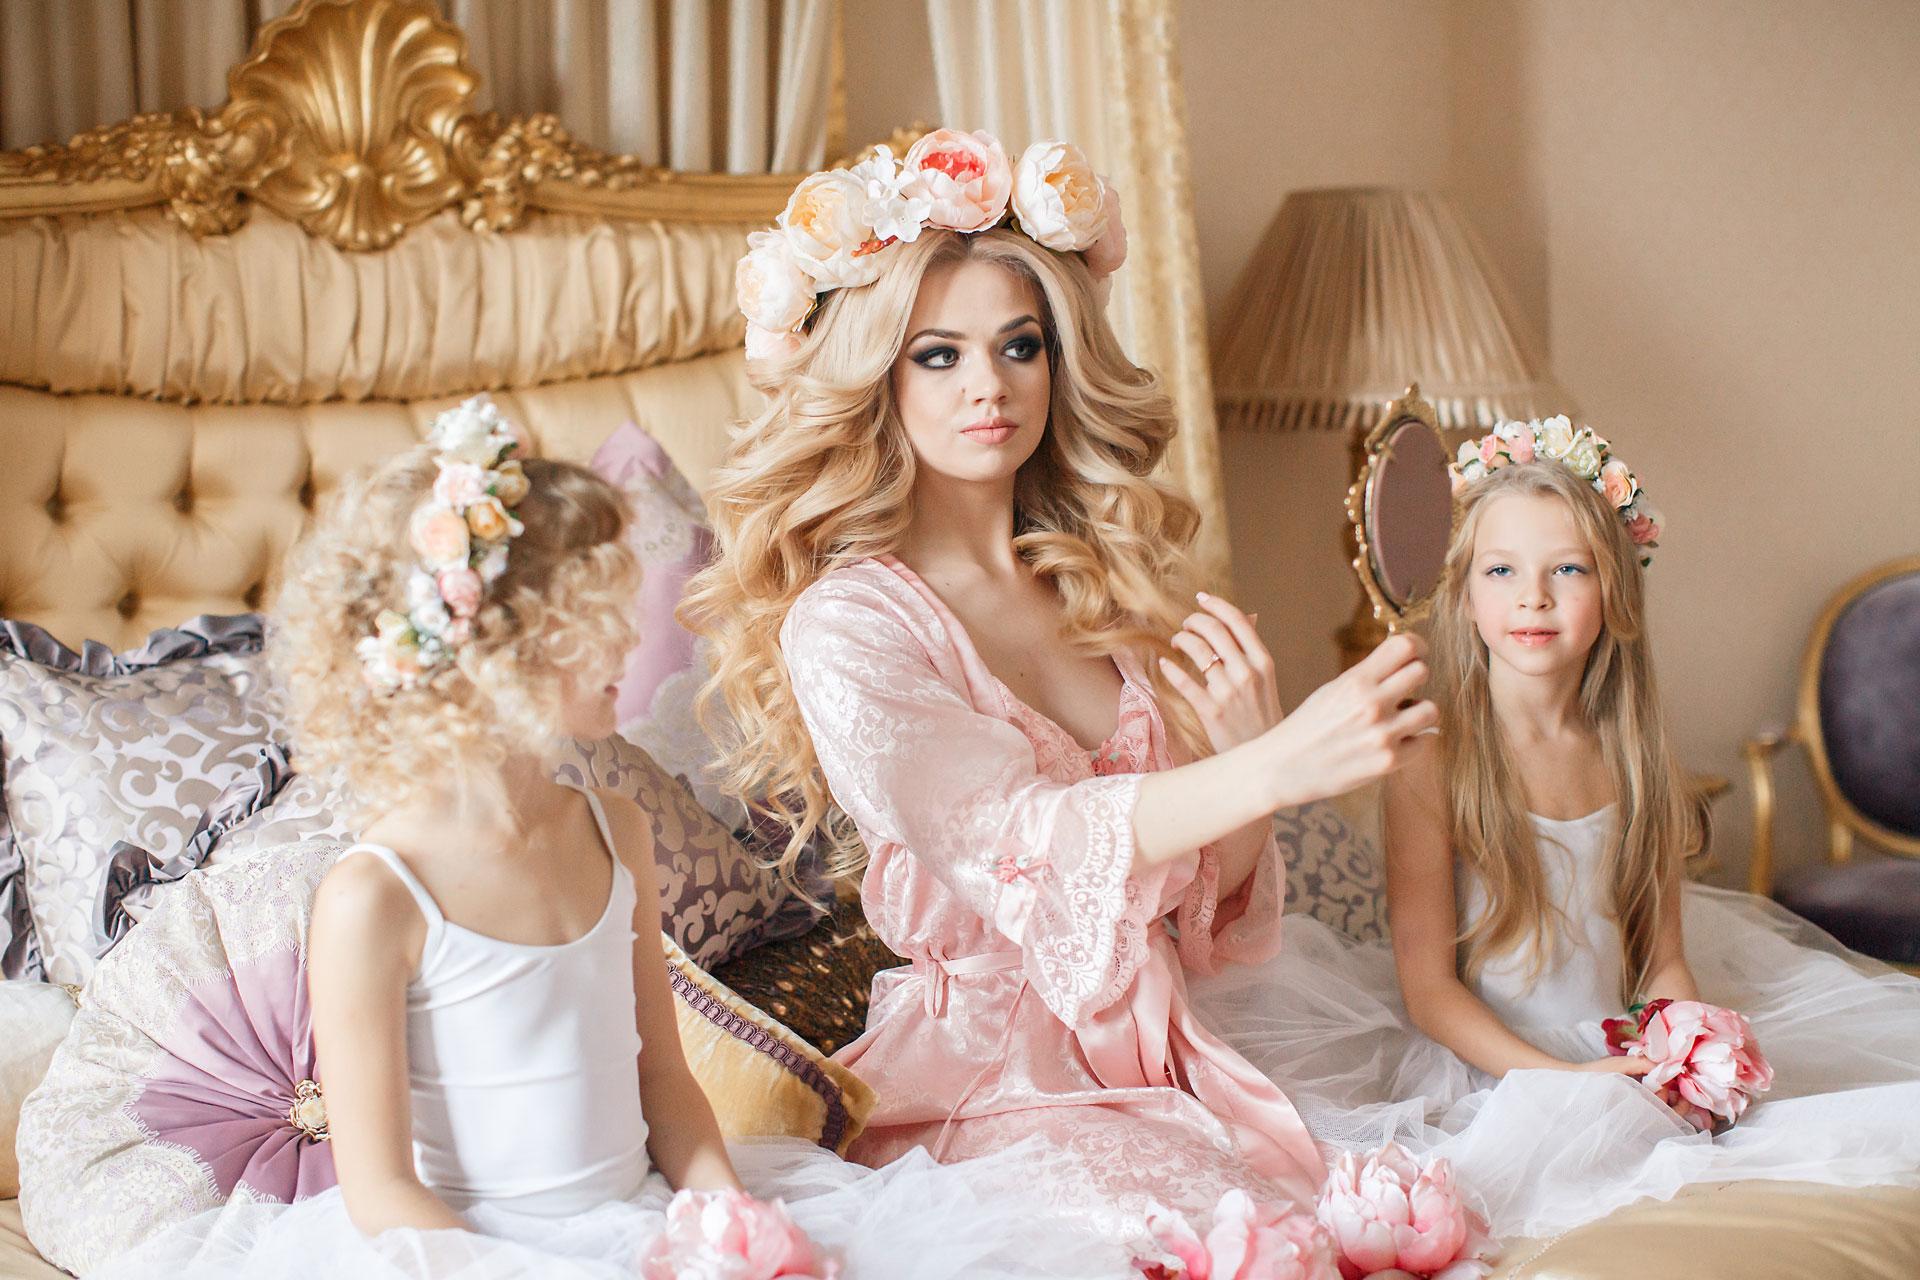 Утро для принцессы. Свадьба Артема и Светланы фото 7